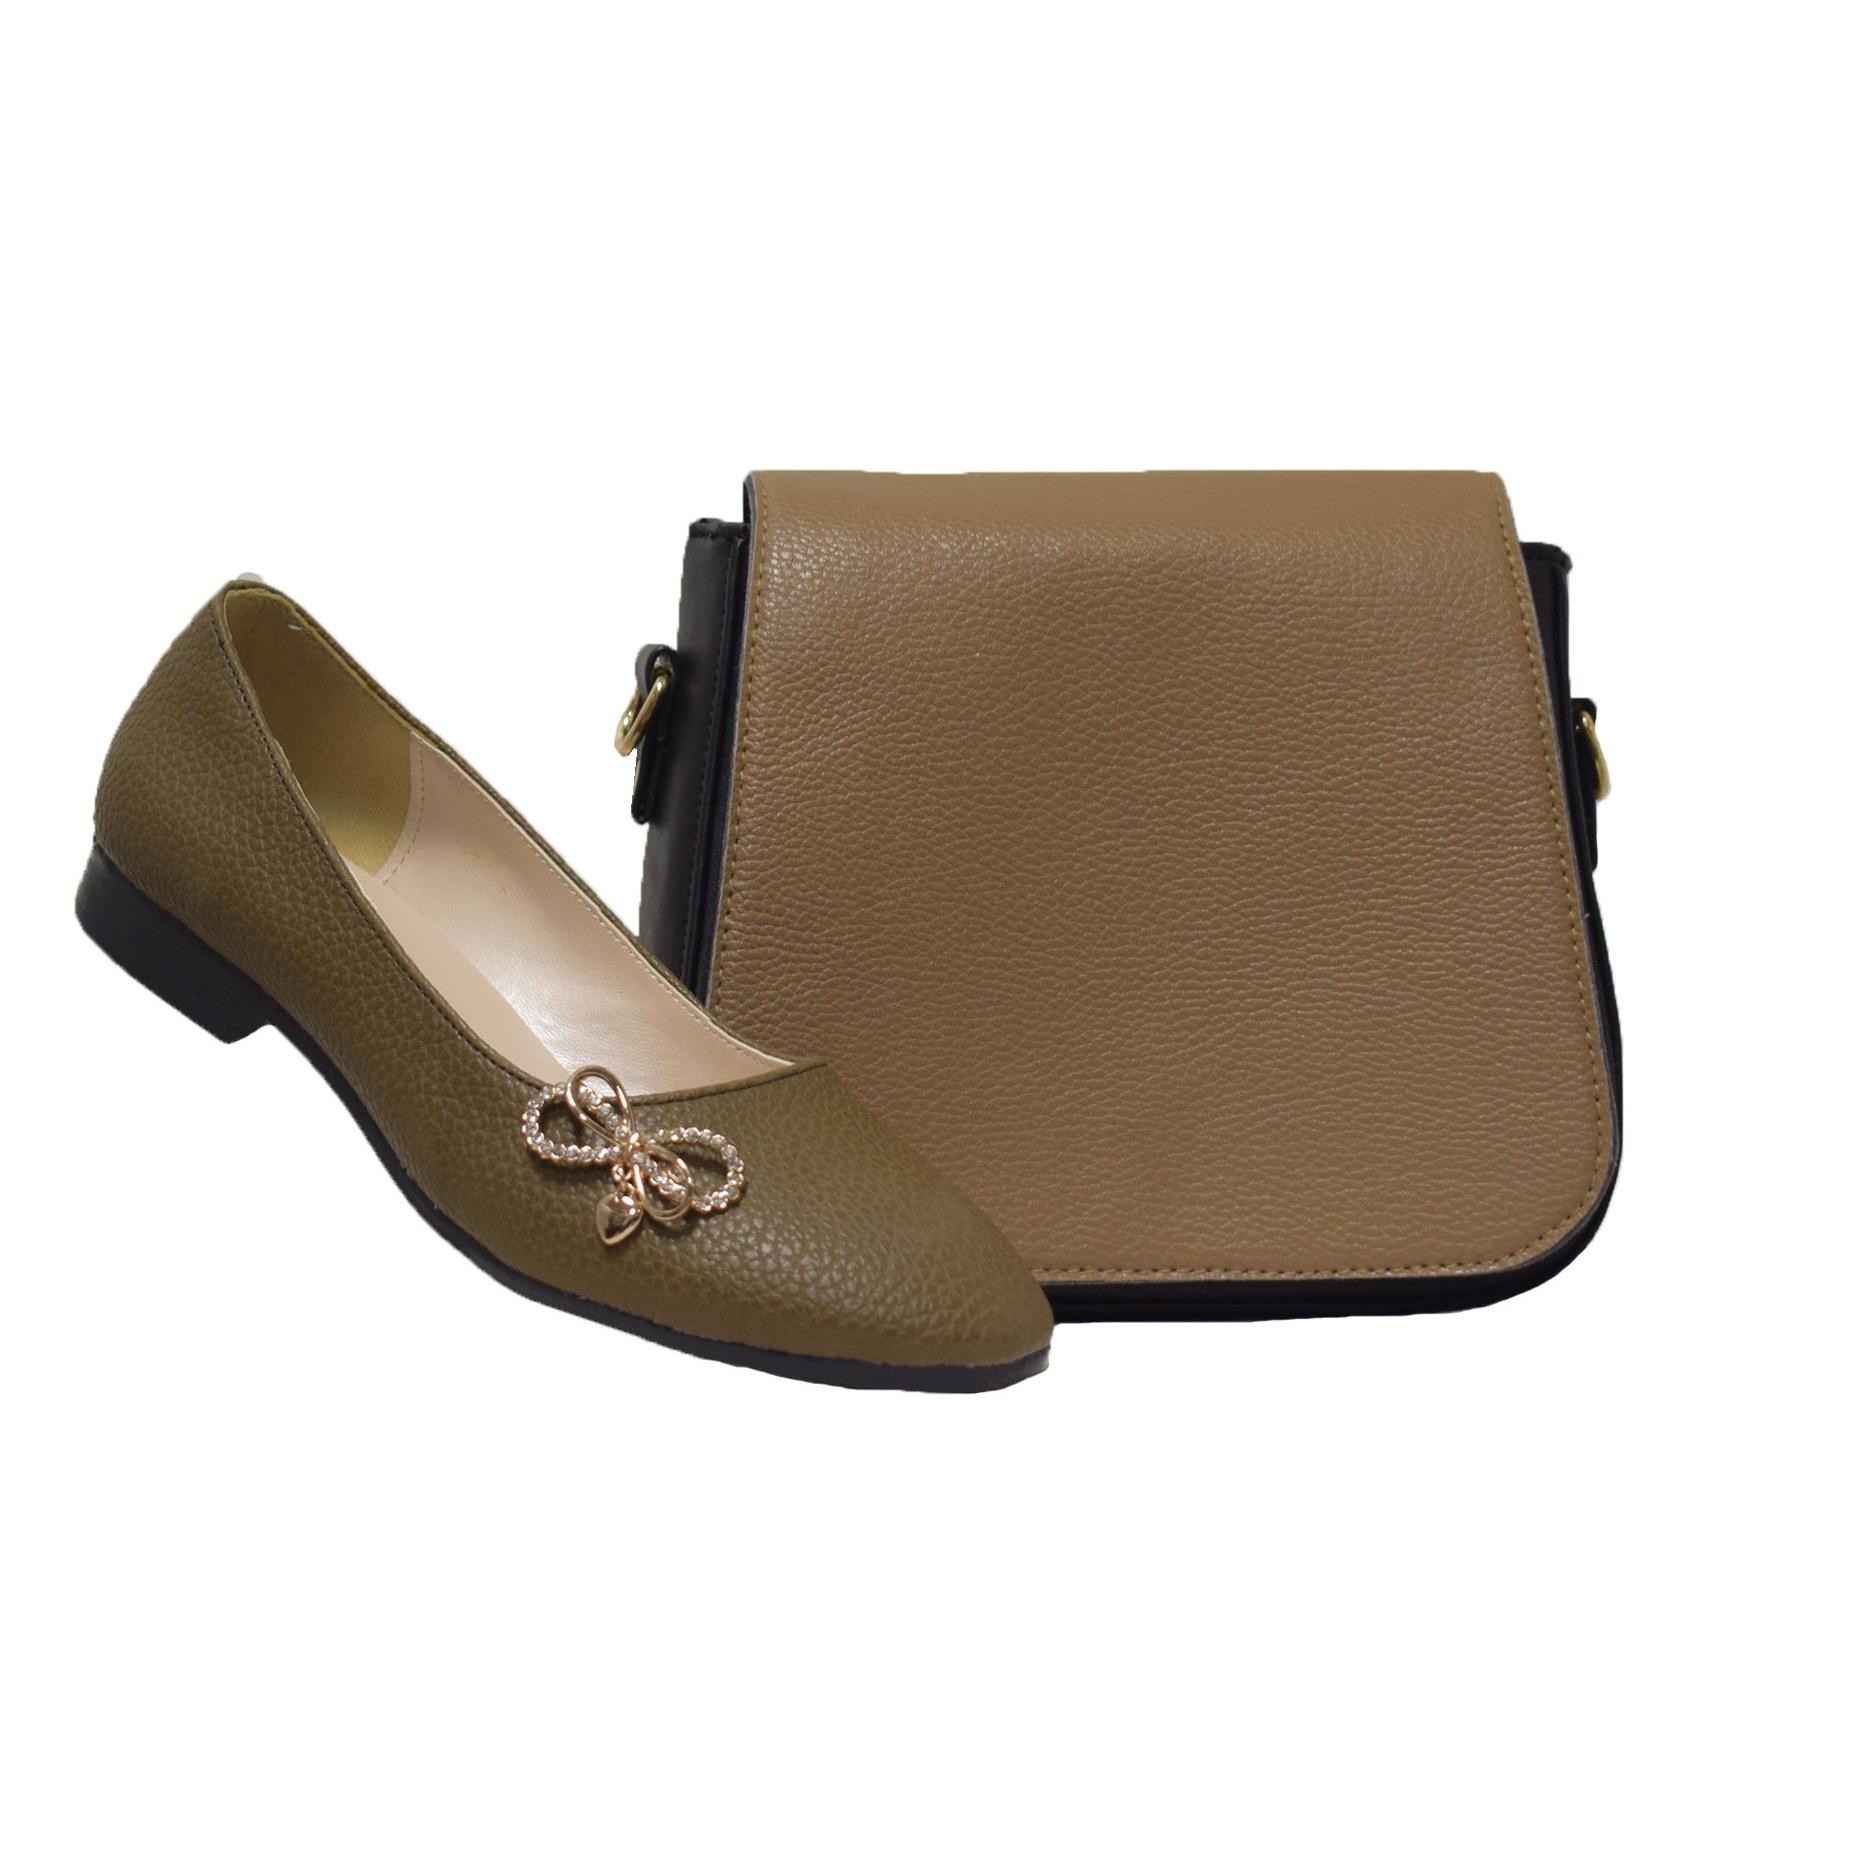 ست کیف و کفش زنانه مدل SE084-03